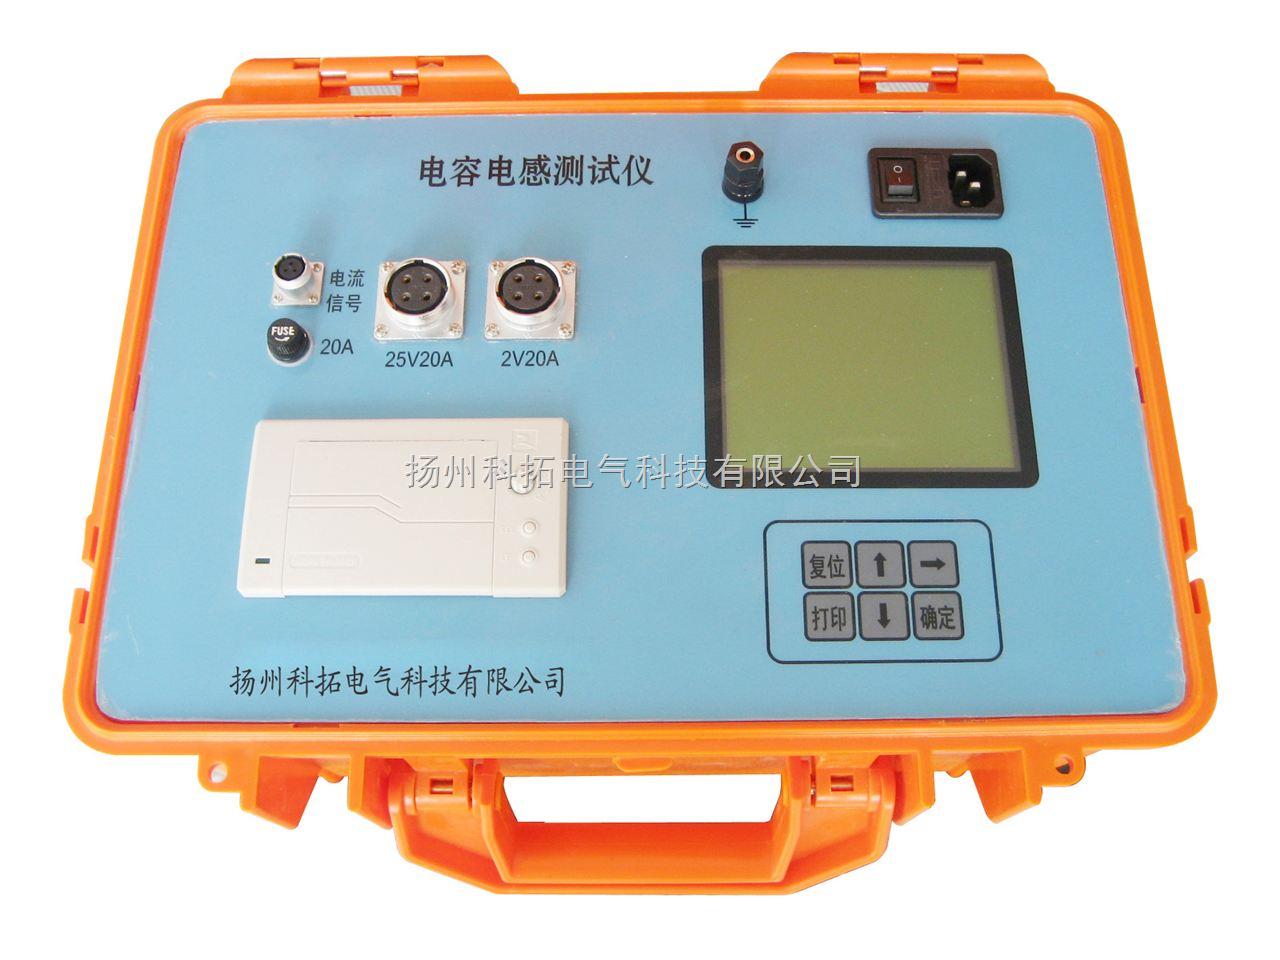 科拓电气全自动电容电感测试仪可以在不拆线的状态下,测量成组并联着